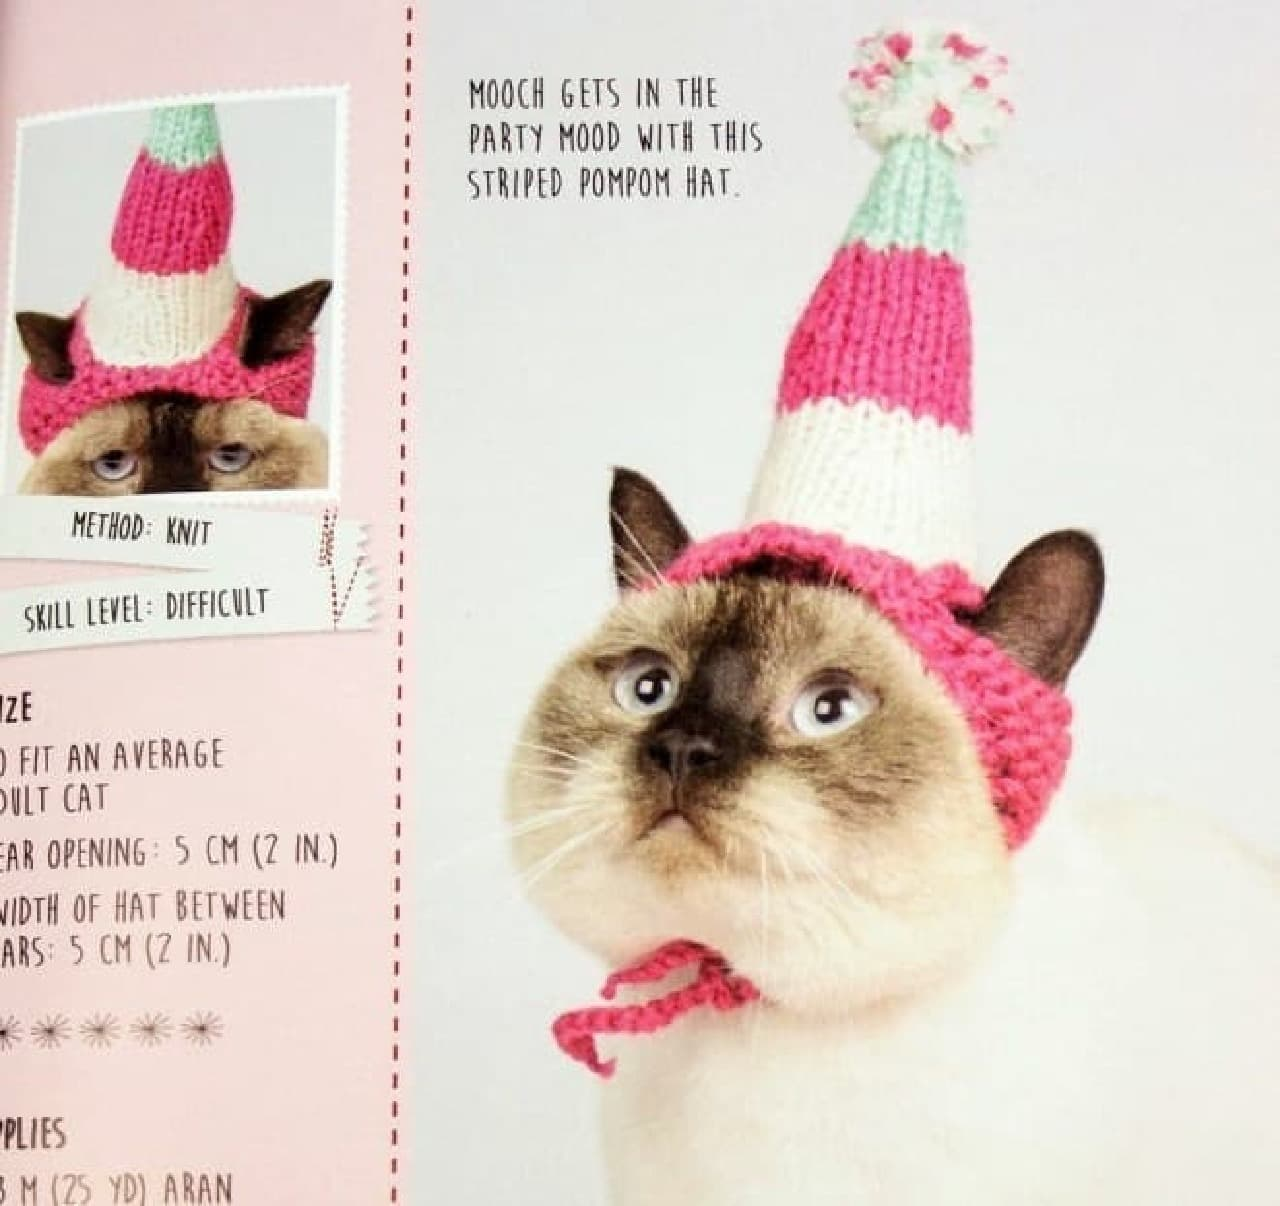 ネコ向けニット帽の編み方教本「CATS IN HATS - HOW TO KNIT AND CROCHET(英語版)」